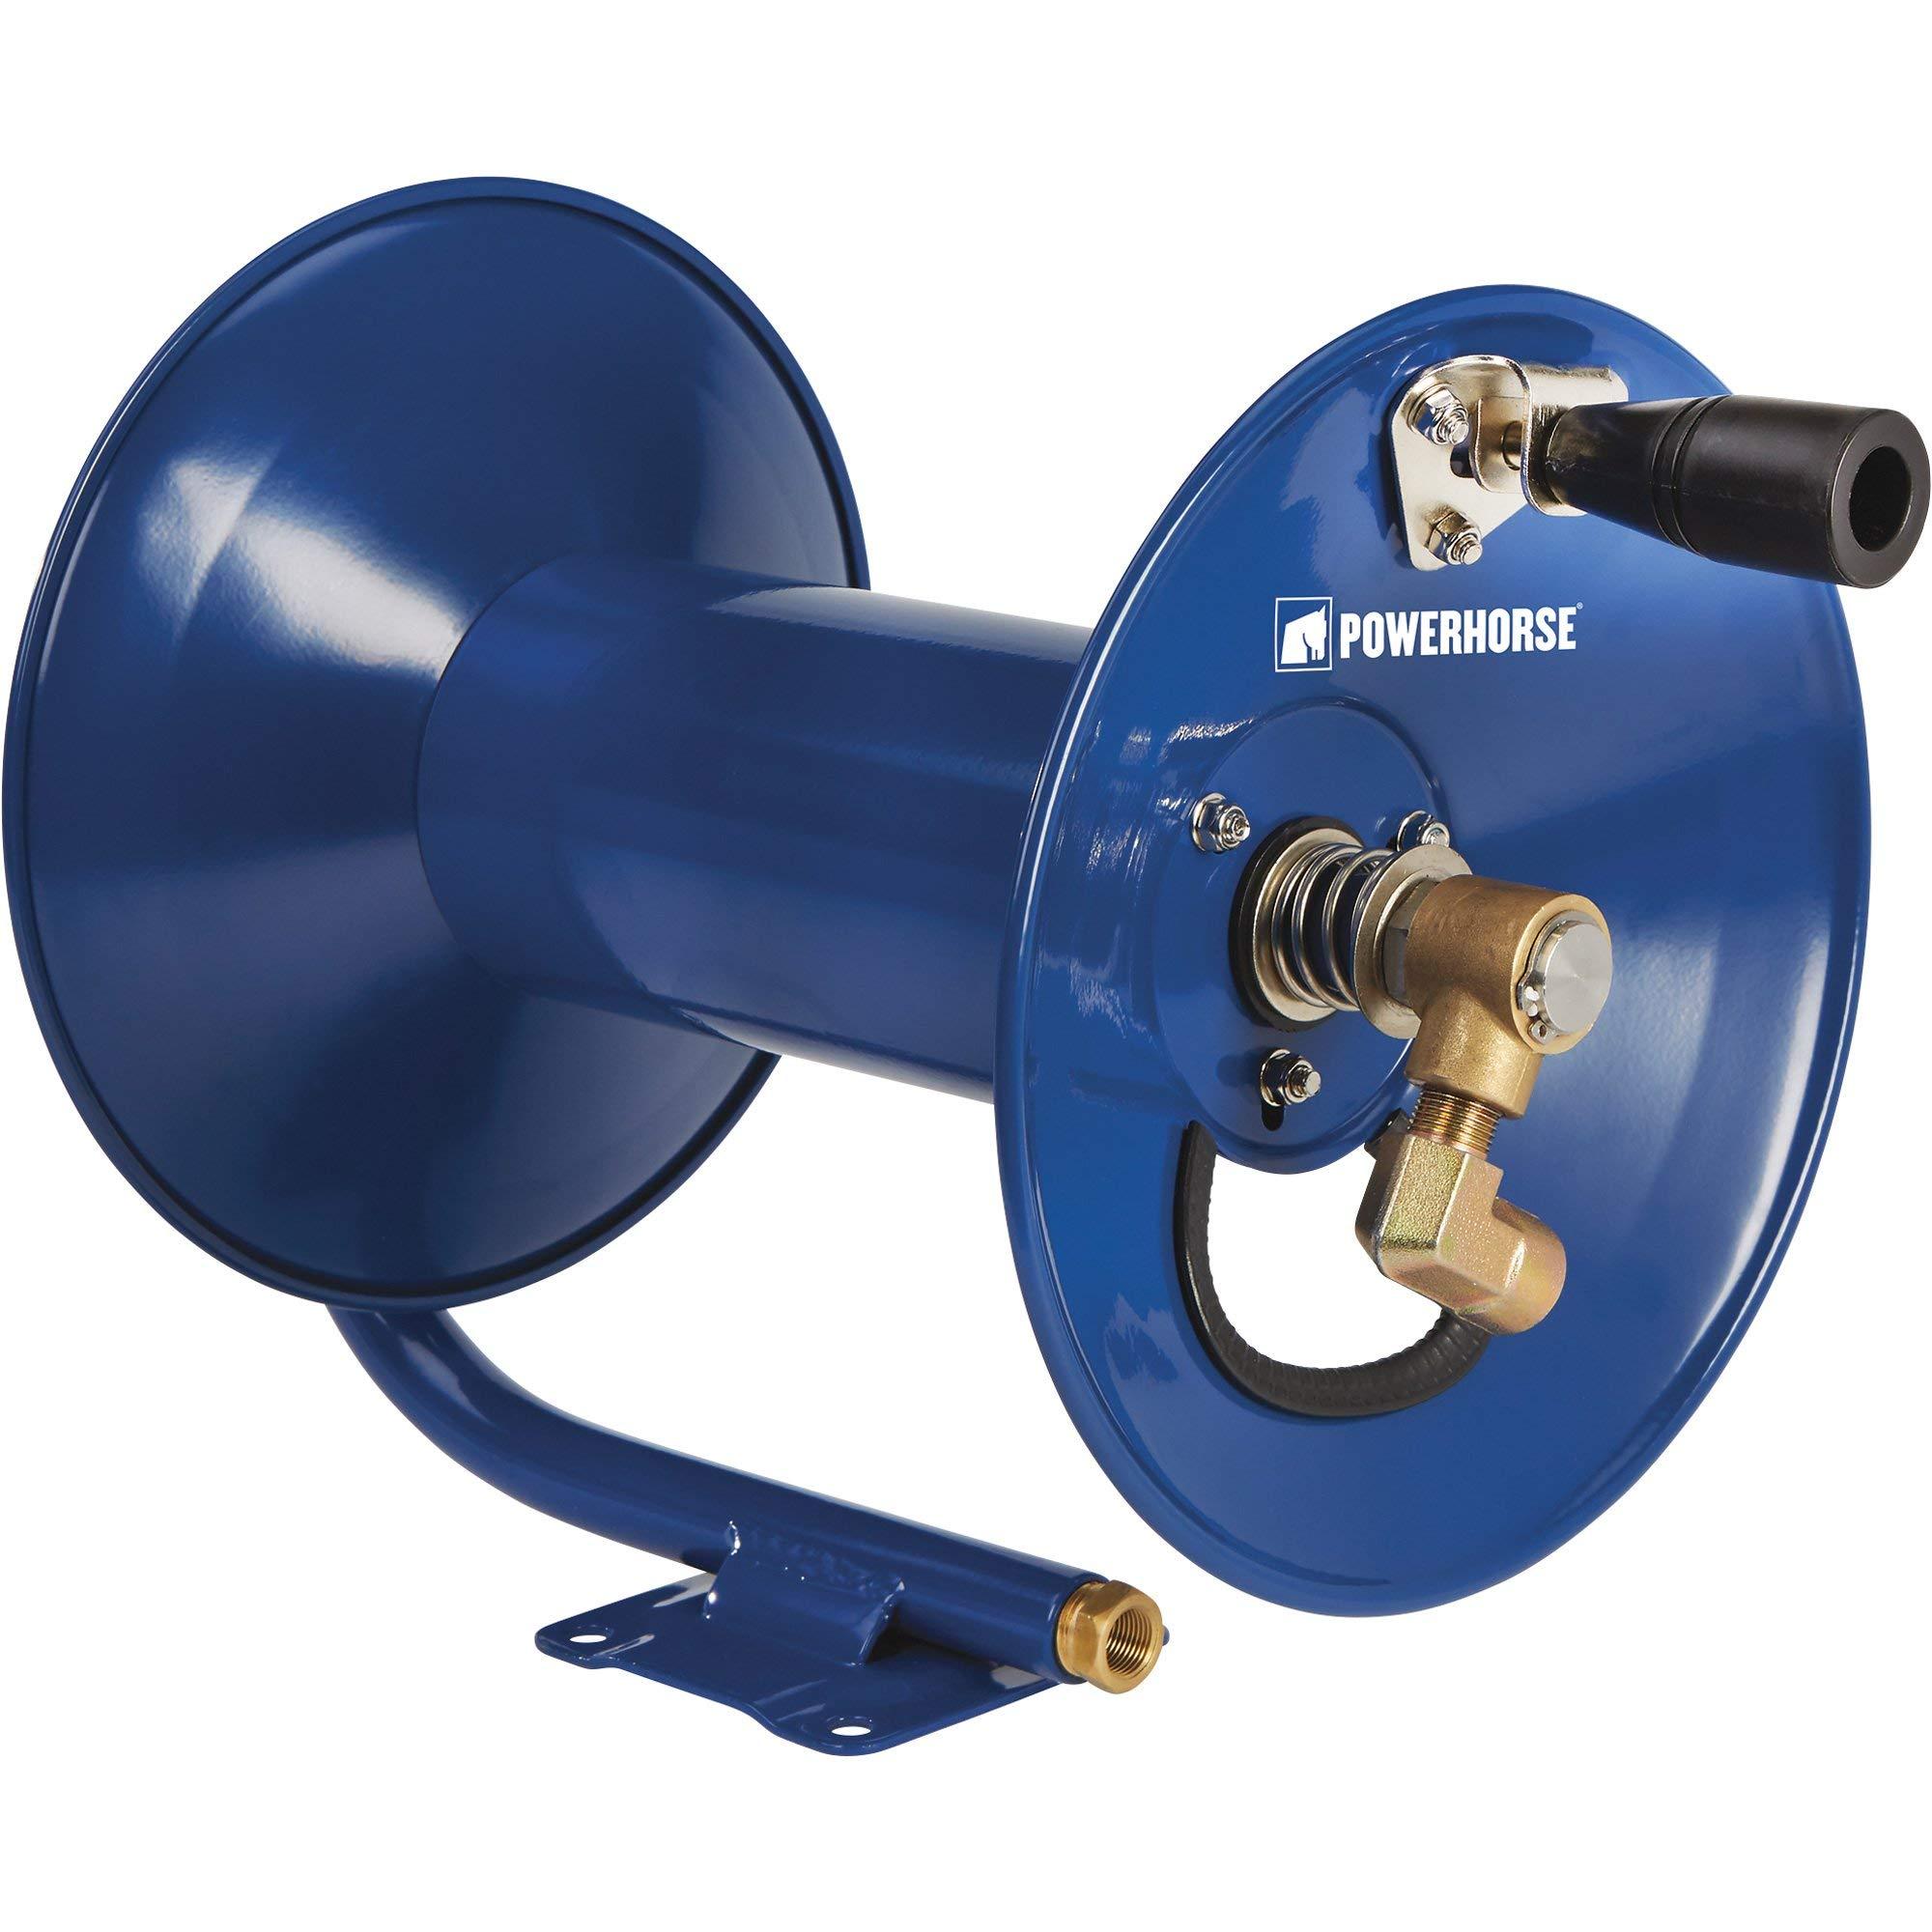 Powerhorse Pressure Washer Hose Reel - 4000 PSI, 100ft. Capacity by Powerhorse